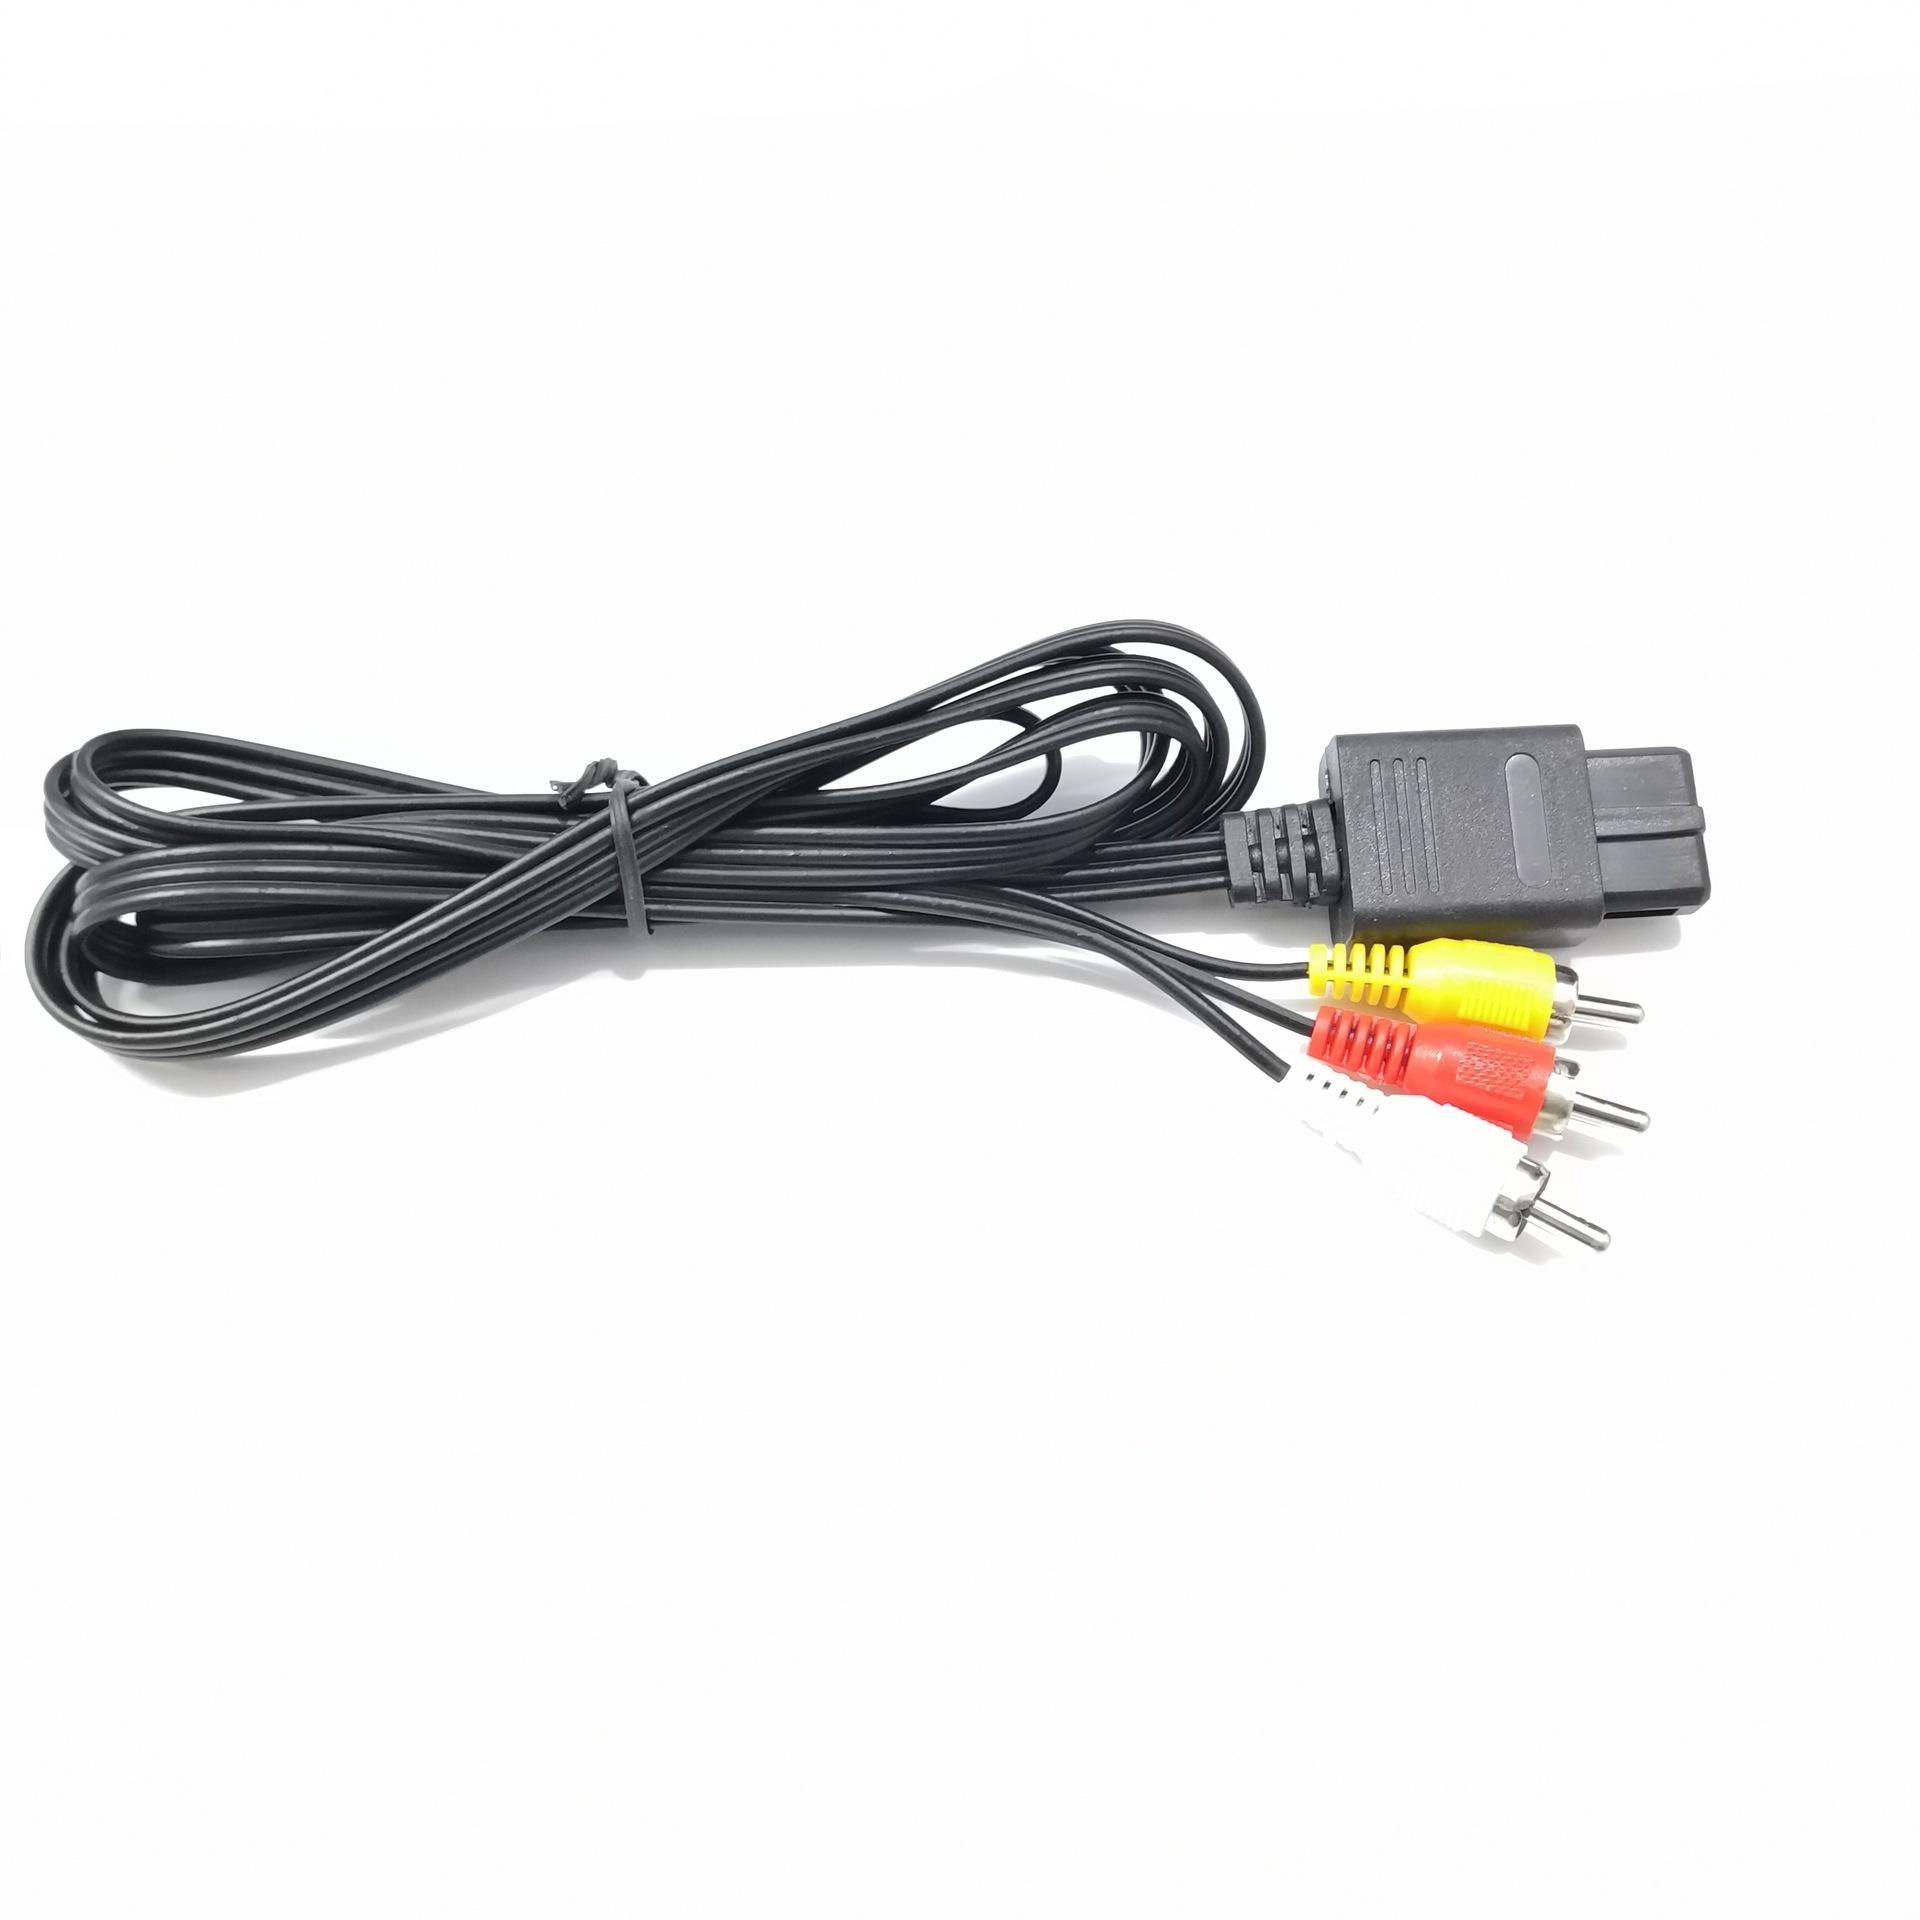 1,8 m videospelkonsol AV-kabel ljudvideokabel för Nintendo Switch SNES Game Cube spelkonsol